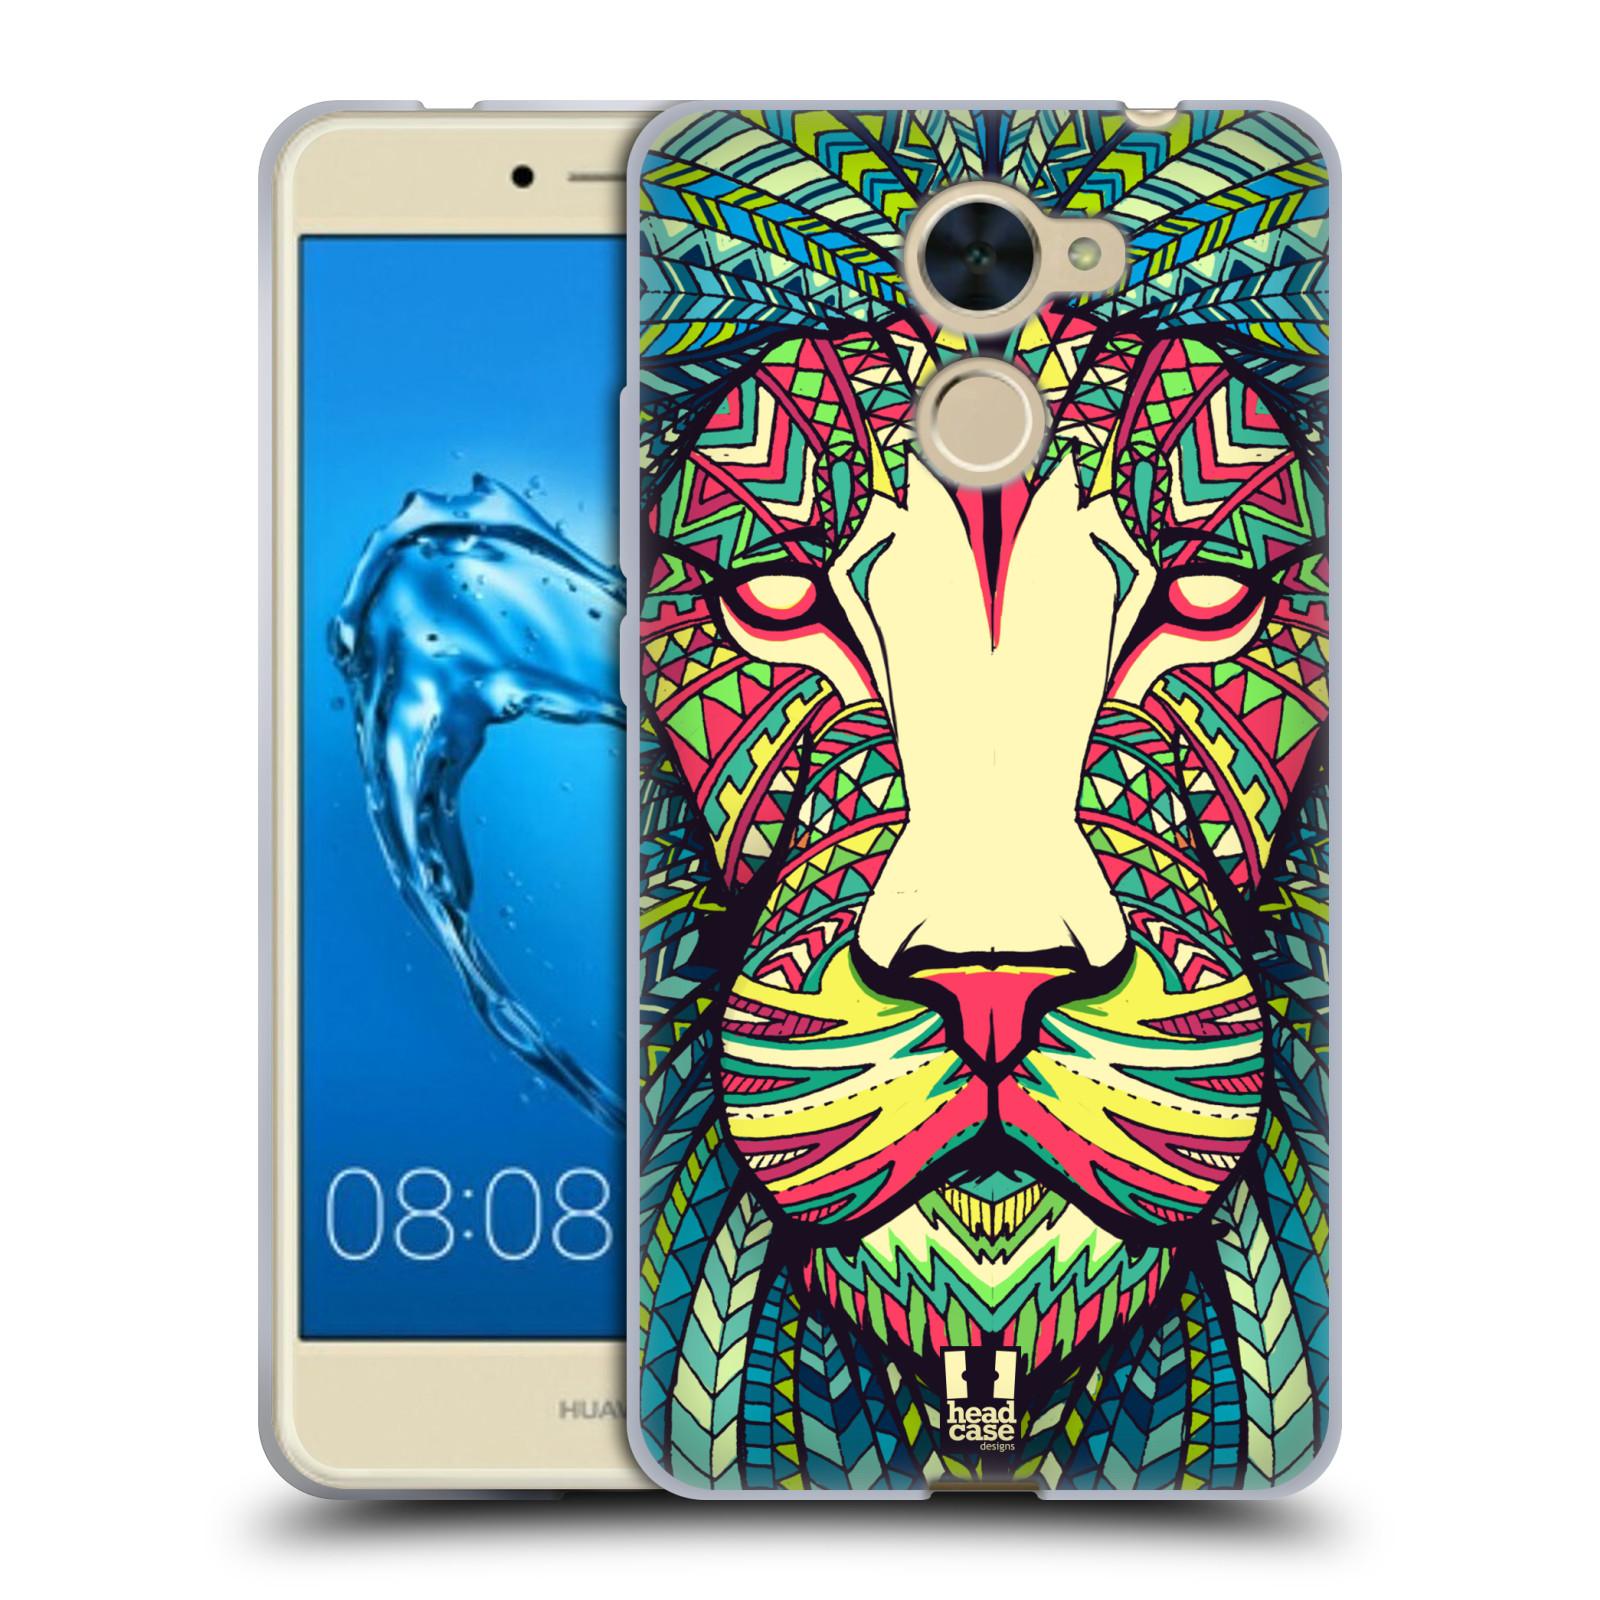 Silikonové pouzdro na mobil Huawei Y7 - Head Case - AZTEC LEV